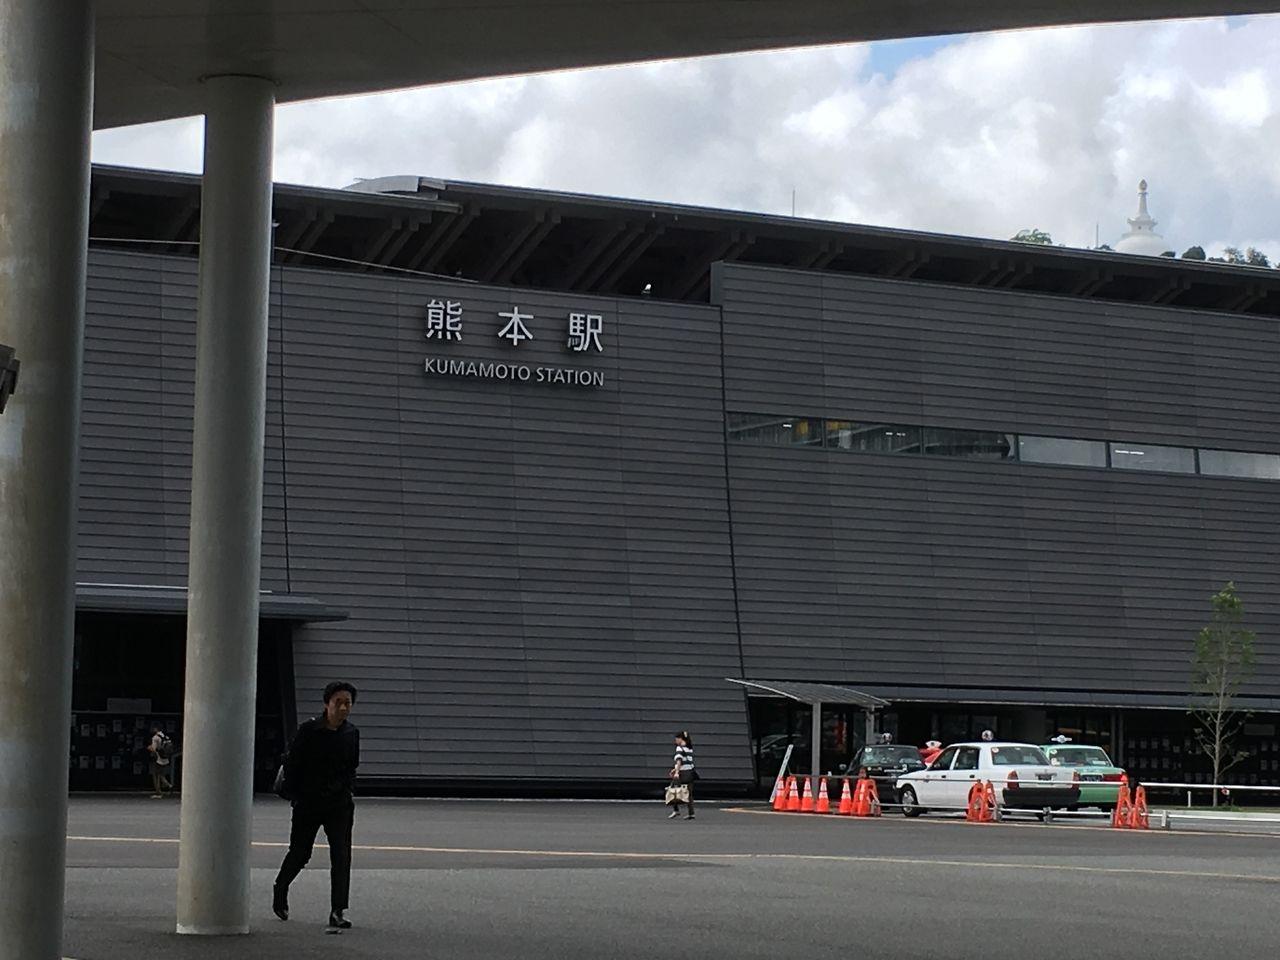 安藤忠雄氏設計の熊本駅・熊本城の石垣「武者返し」をイメージ